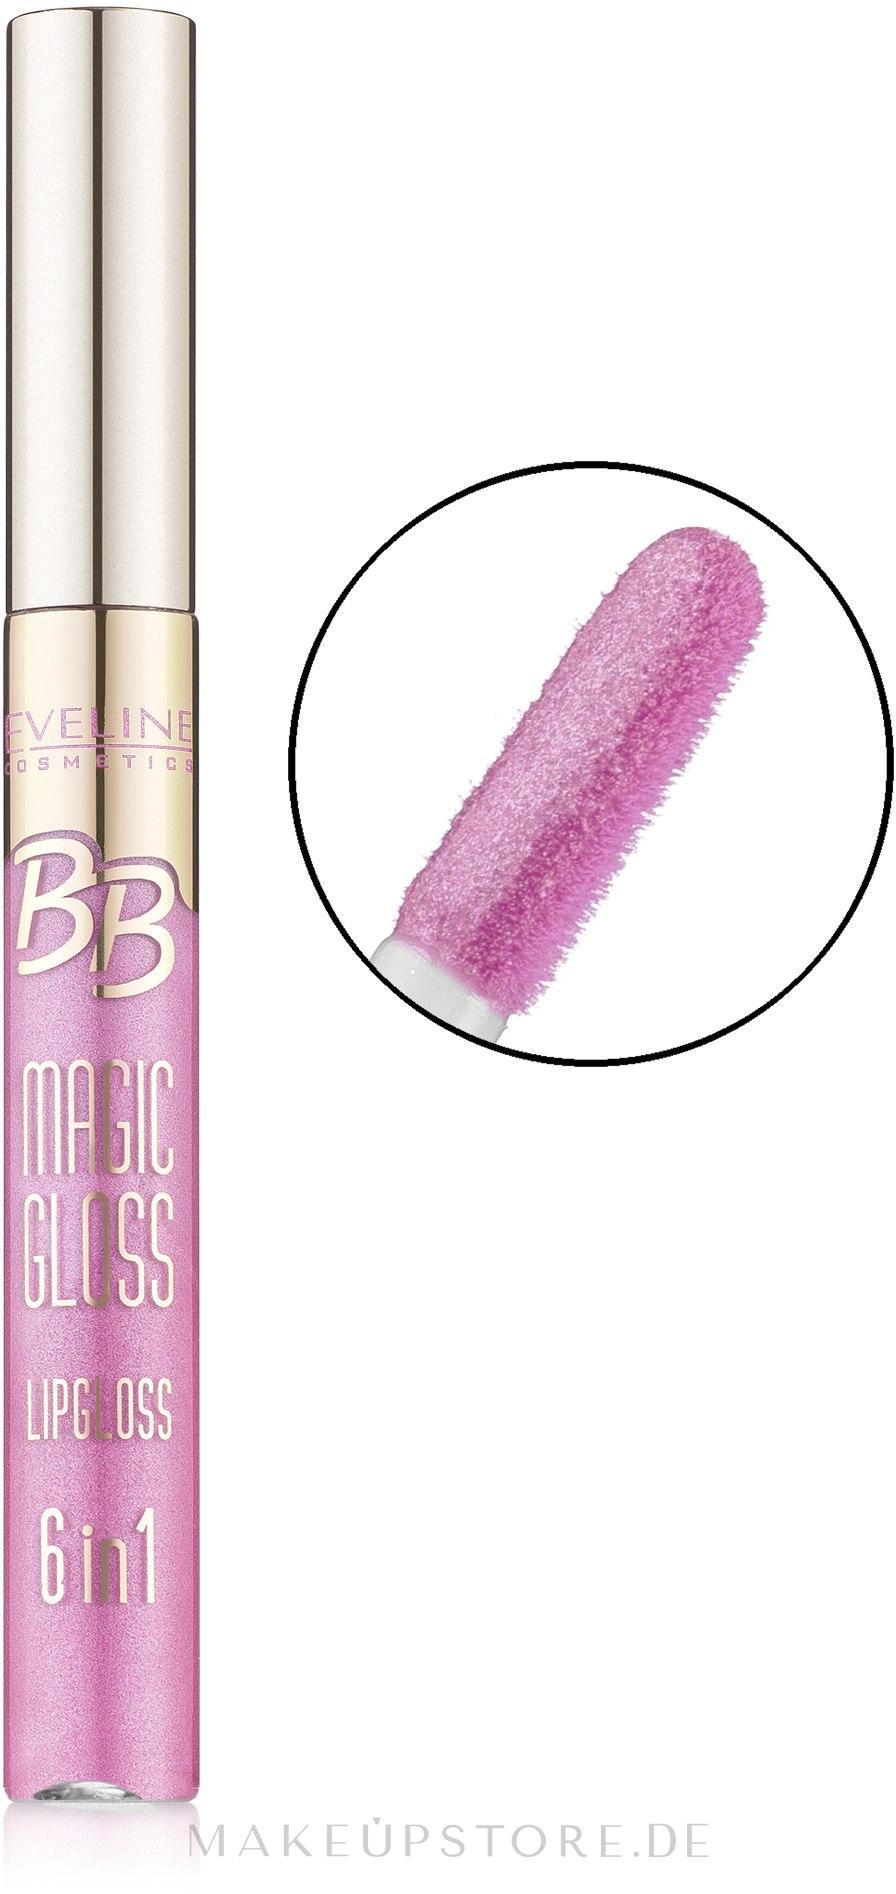 Lipgloss - Eveline Cosmetics BB Magic Gloss Lipgloss 6 w 1 — Bild 359